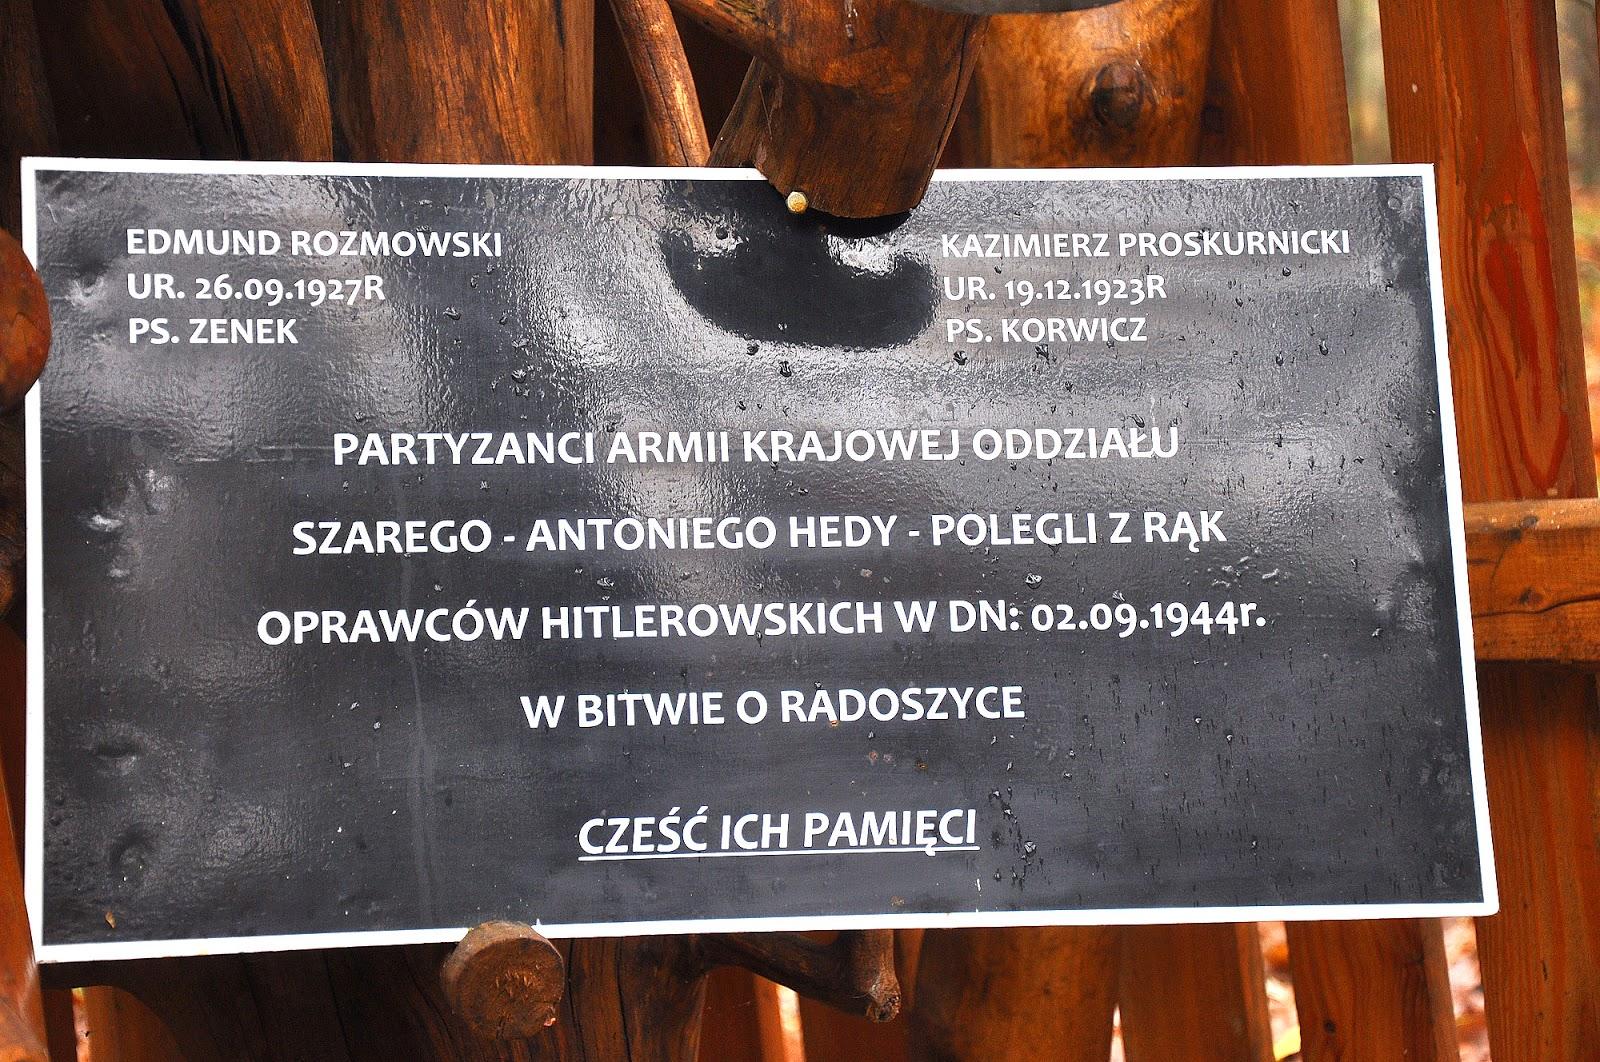 Wyrębów - tabliczka na leśnej, partyzanckiej kapliczce informująca o poległych partyzantach w dniu 2.09.1944. Foto. KW.